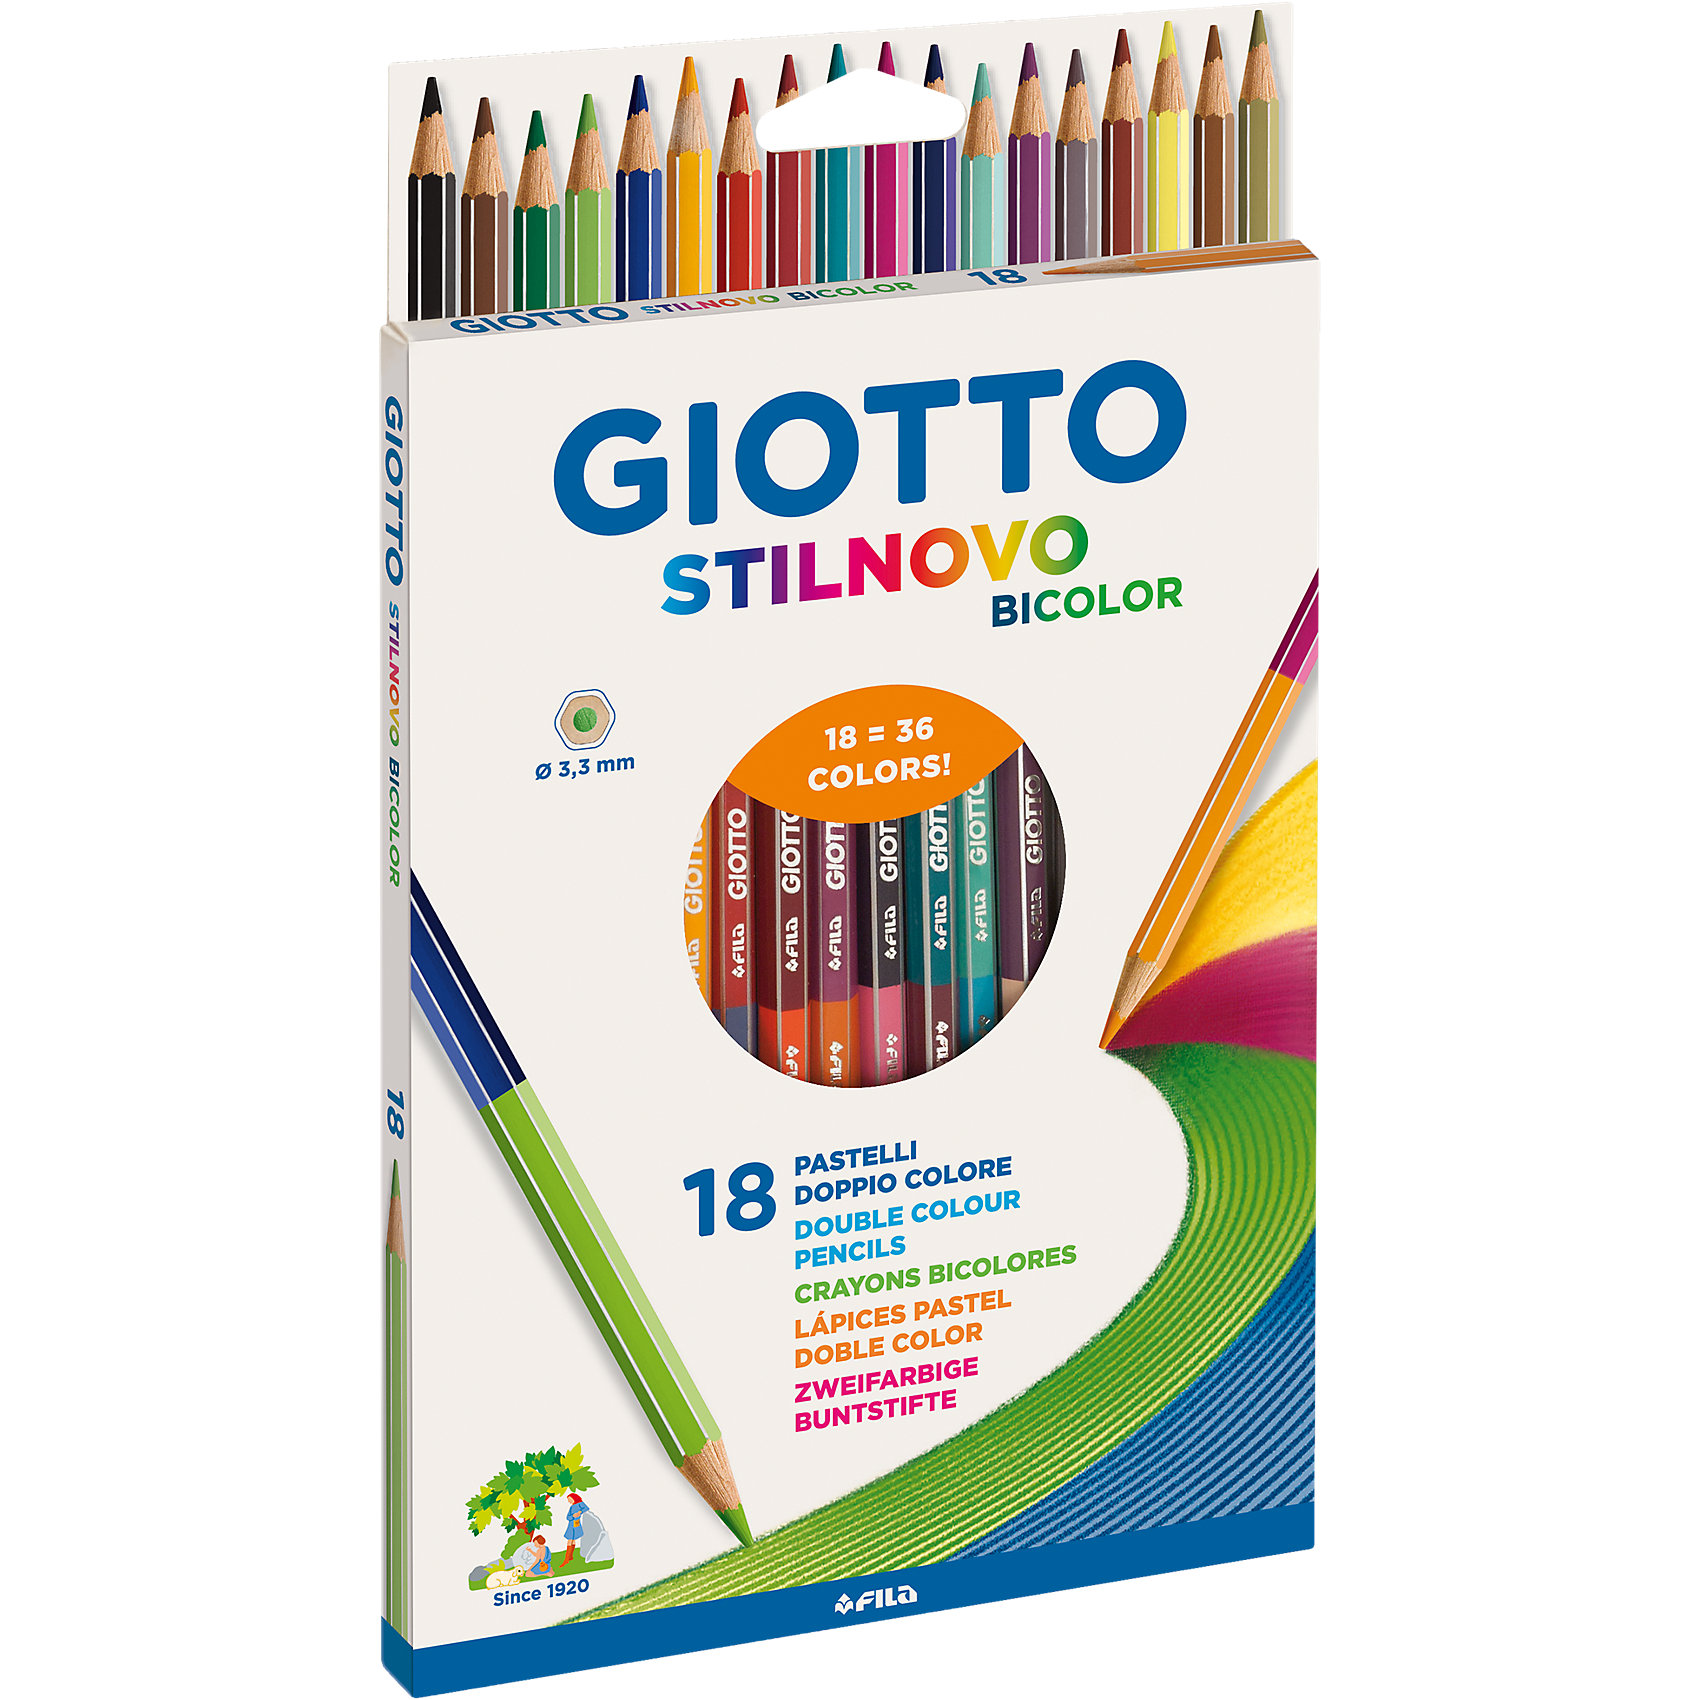 Двухсторонние цветные карандаши, 18 штук, 36 цвета.Рисование<br>Двусторонние цветные деревянные карандашии, 18 шт=36 цв. Гексагональной формы. Изготовлены из сертифицированной древесины. Легко и экономично затачиваются, не крошатся. Толщина грифеля - 3,3 мм. Яркие насыщенные цвета, максимально мягкое рисование. На корпусе карандаша имеется место для персонализации. Экономят место в пенале. Идеально подходят для школы.<br><br>Ширина мм: 217<br>Глубина мм: 134<br>Высота мм: 12<br>Вес г: 115<br>Возраст от месяцев: 24<br>Возраст до месяцев: 72<br>Пол: Унисекс<br>Возраст: Детский<br>SKU: 4194384